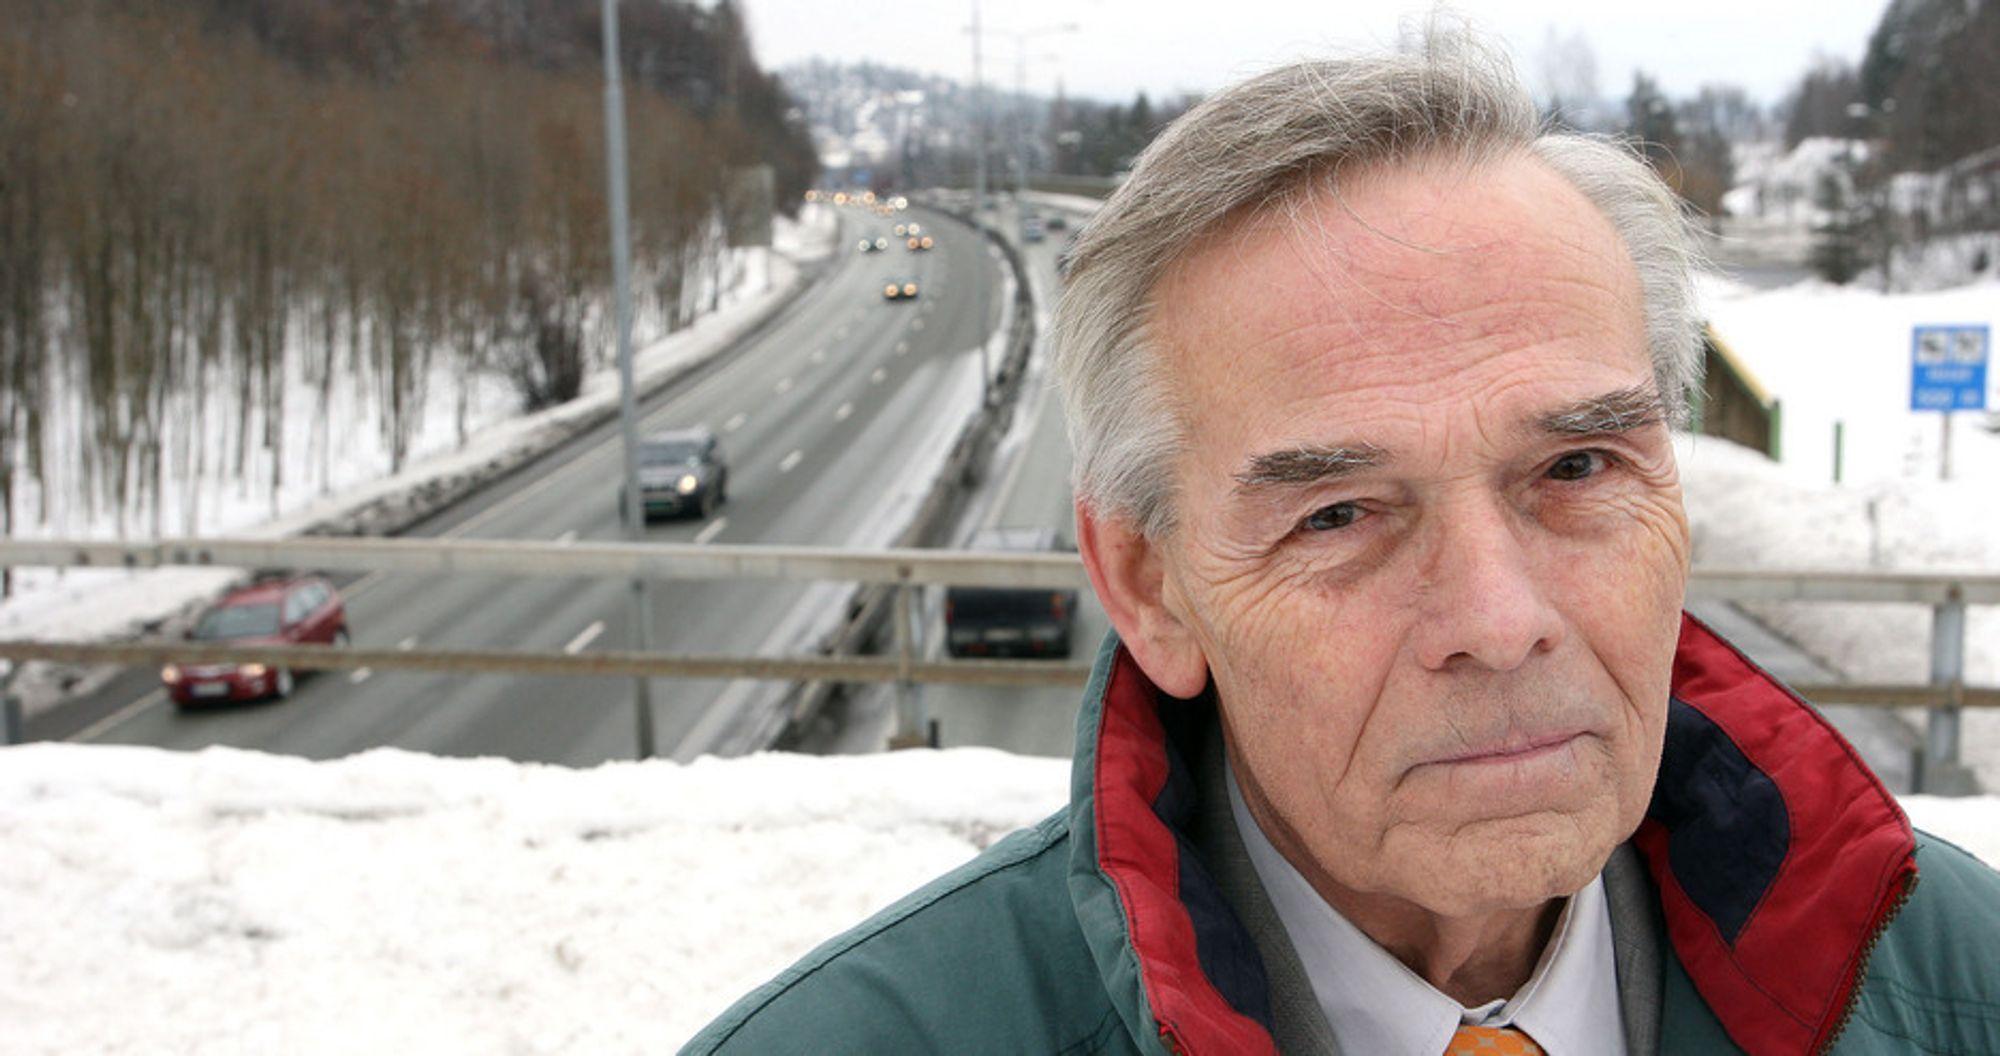 VALGETS KVAL: Ordfører Odd Reinsfelt i Bærum kommune mener Regjeringen bør ta ansvar for europaveiene selv, istedenfor å dytte det over på lokalpolitikerne.